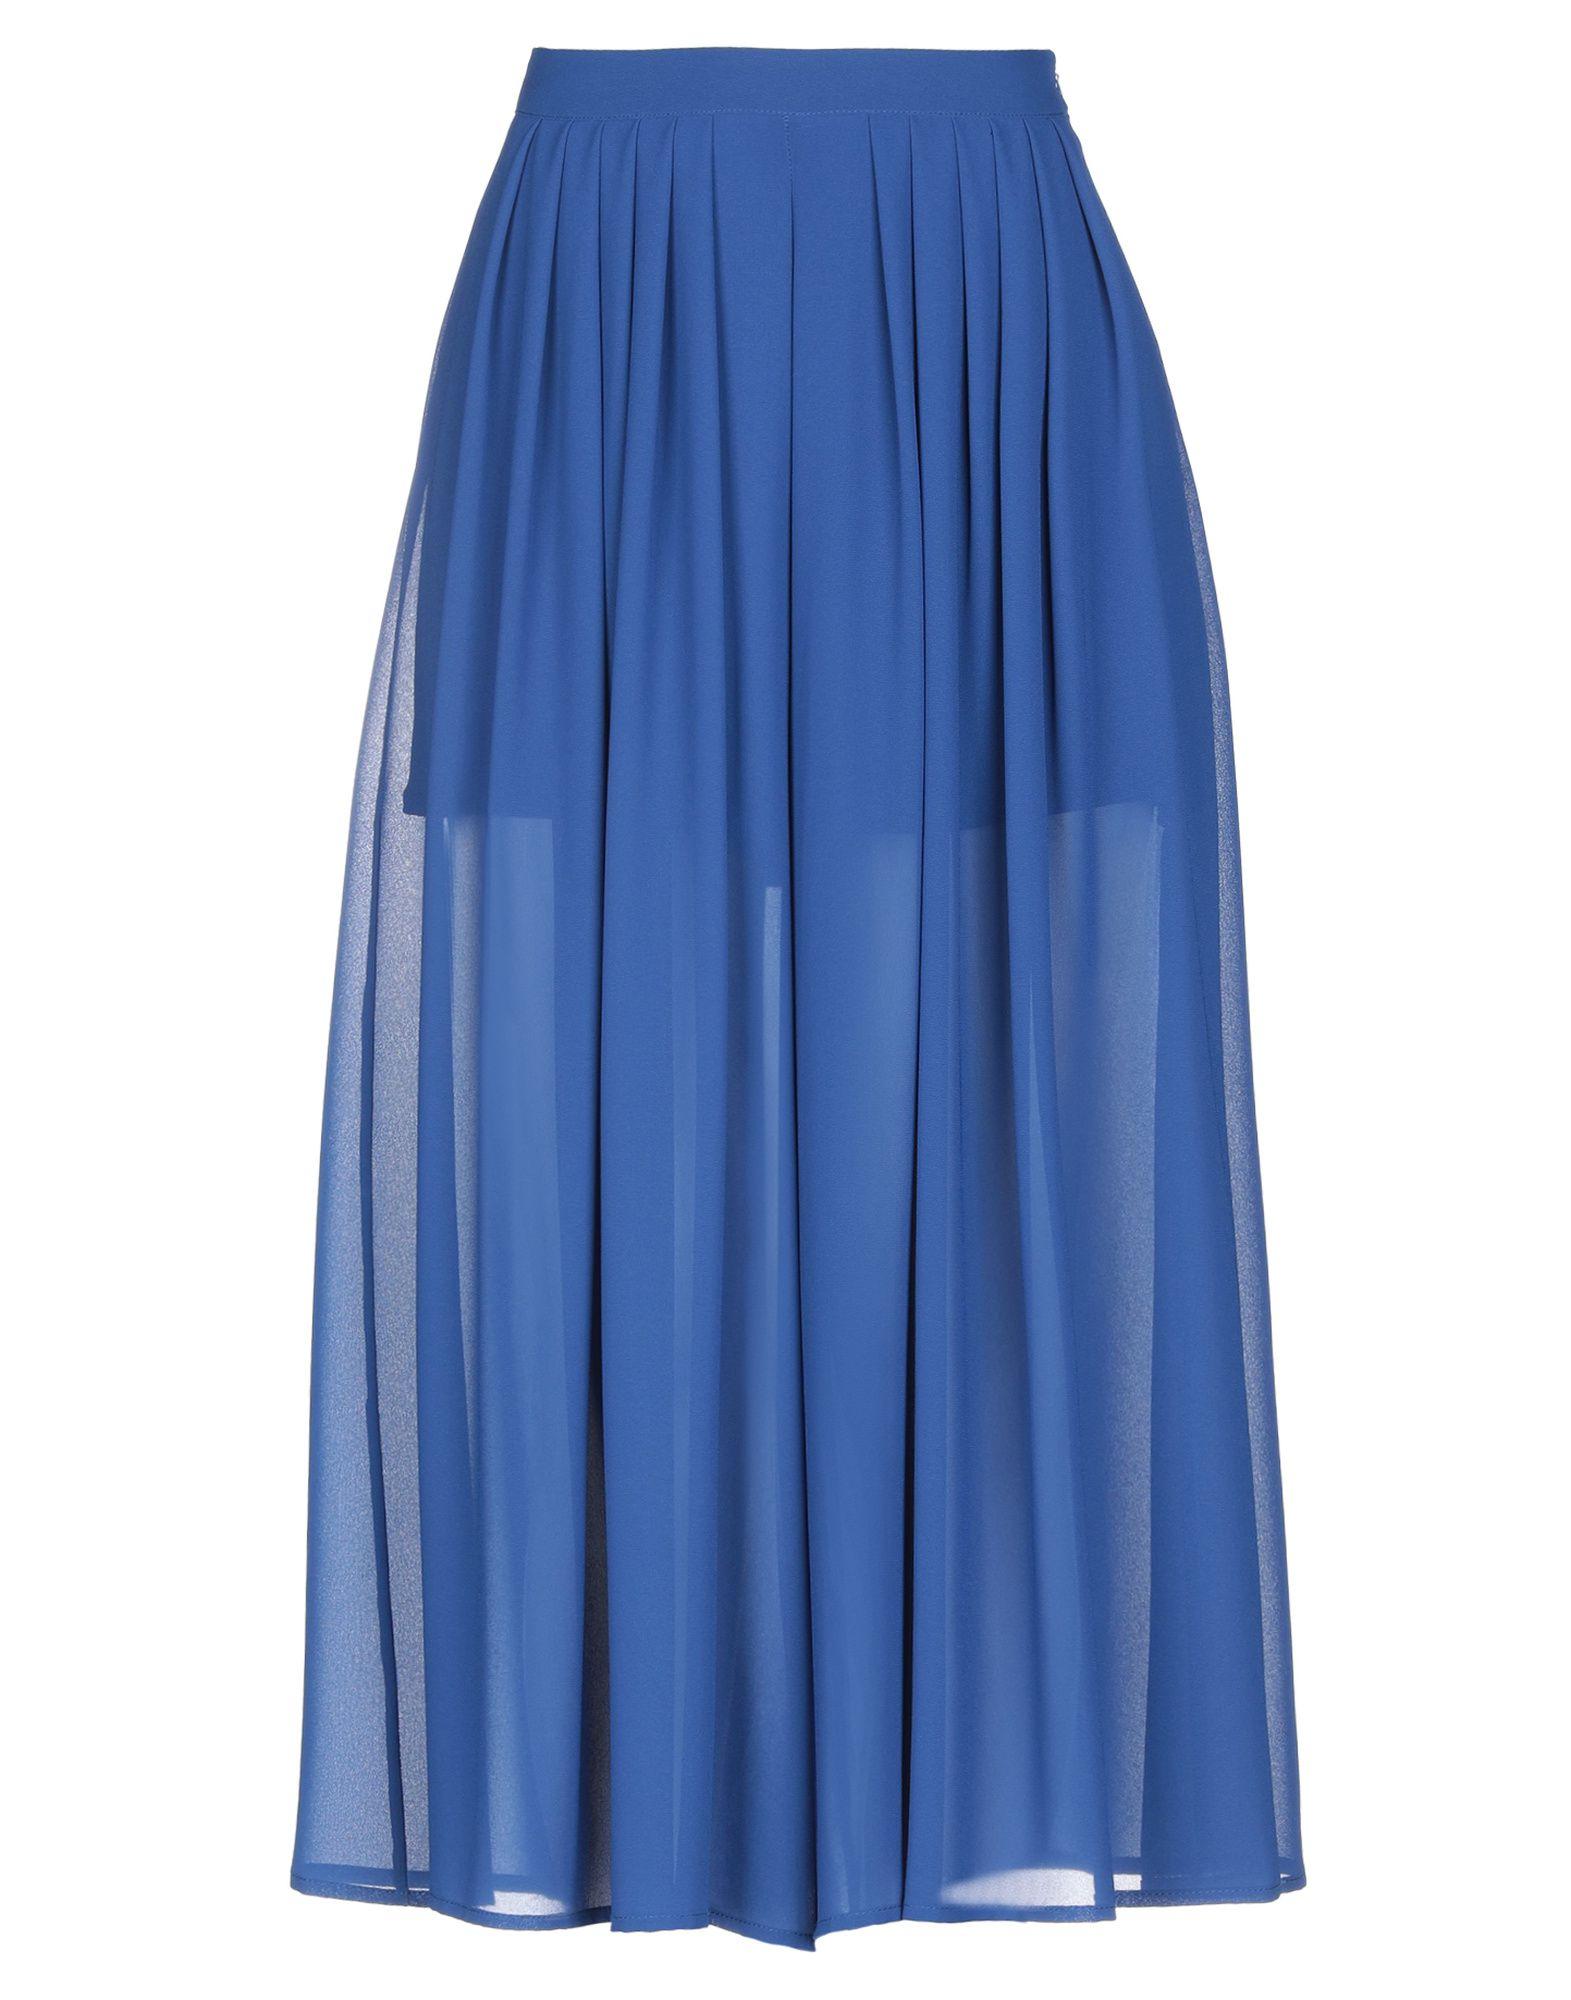 《期間限定セール開催中!》PAOLA PRATA レディース 7分丈スカート ブライトブルー 46 ポリエステル 100% / ポリウレタン